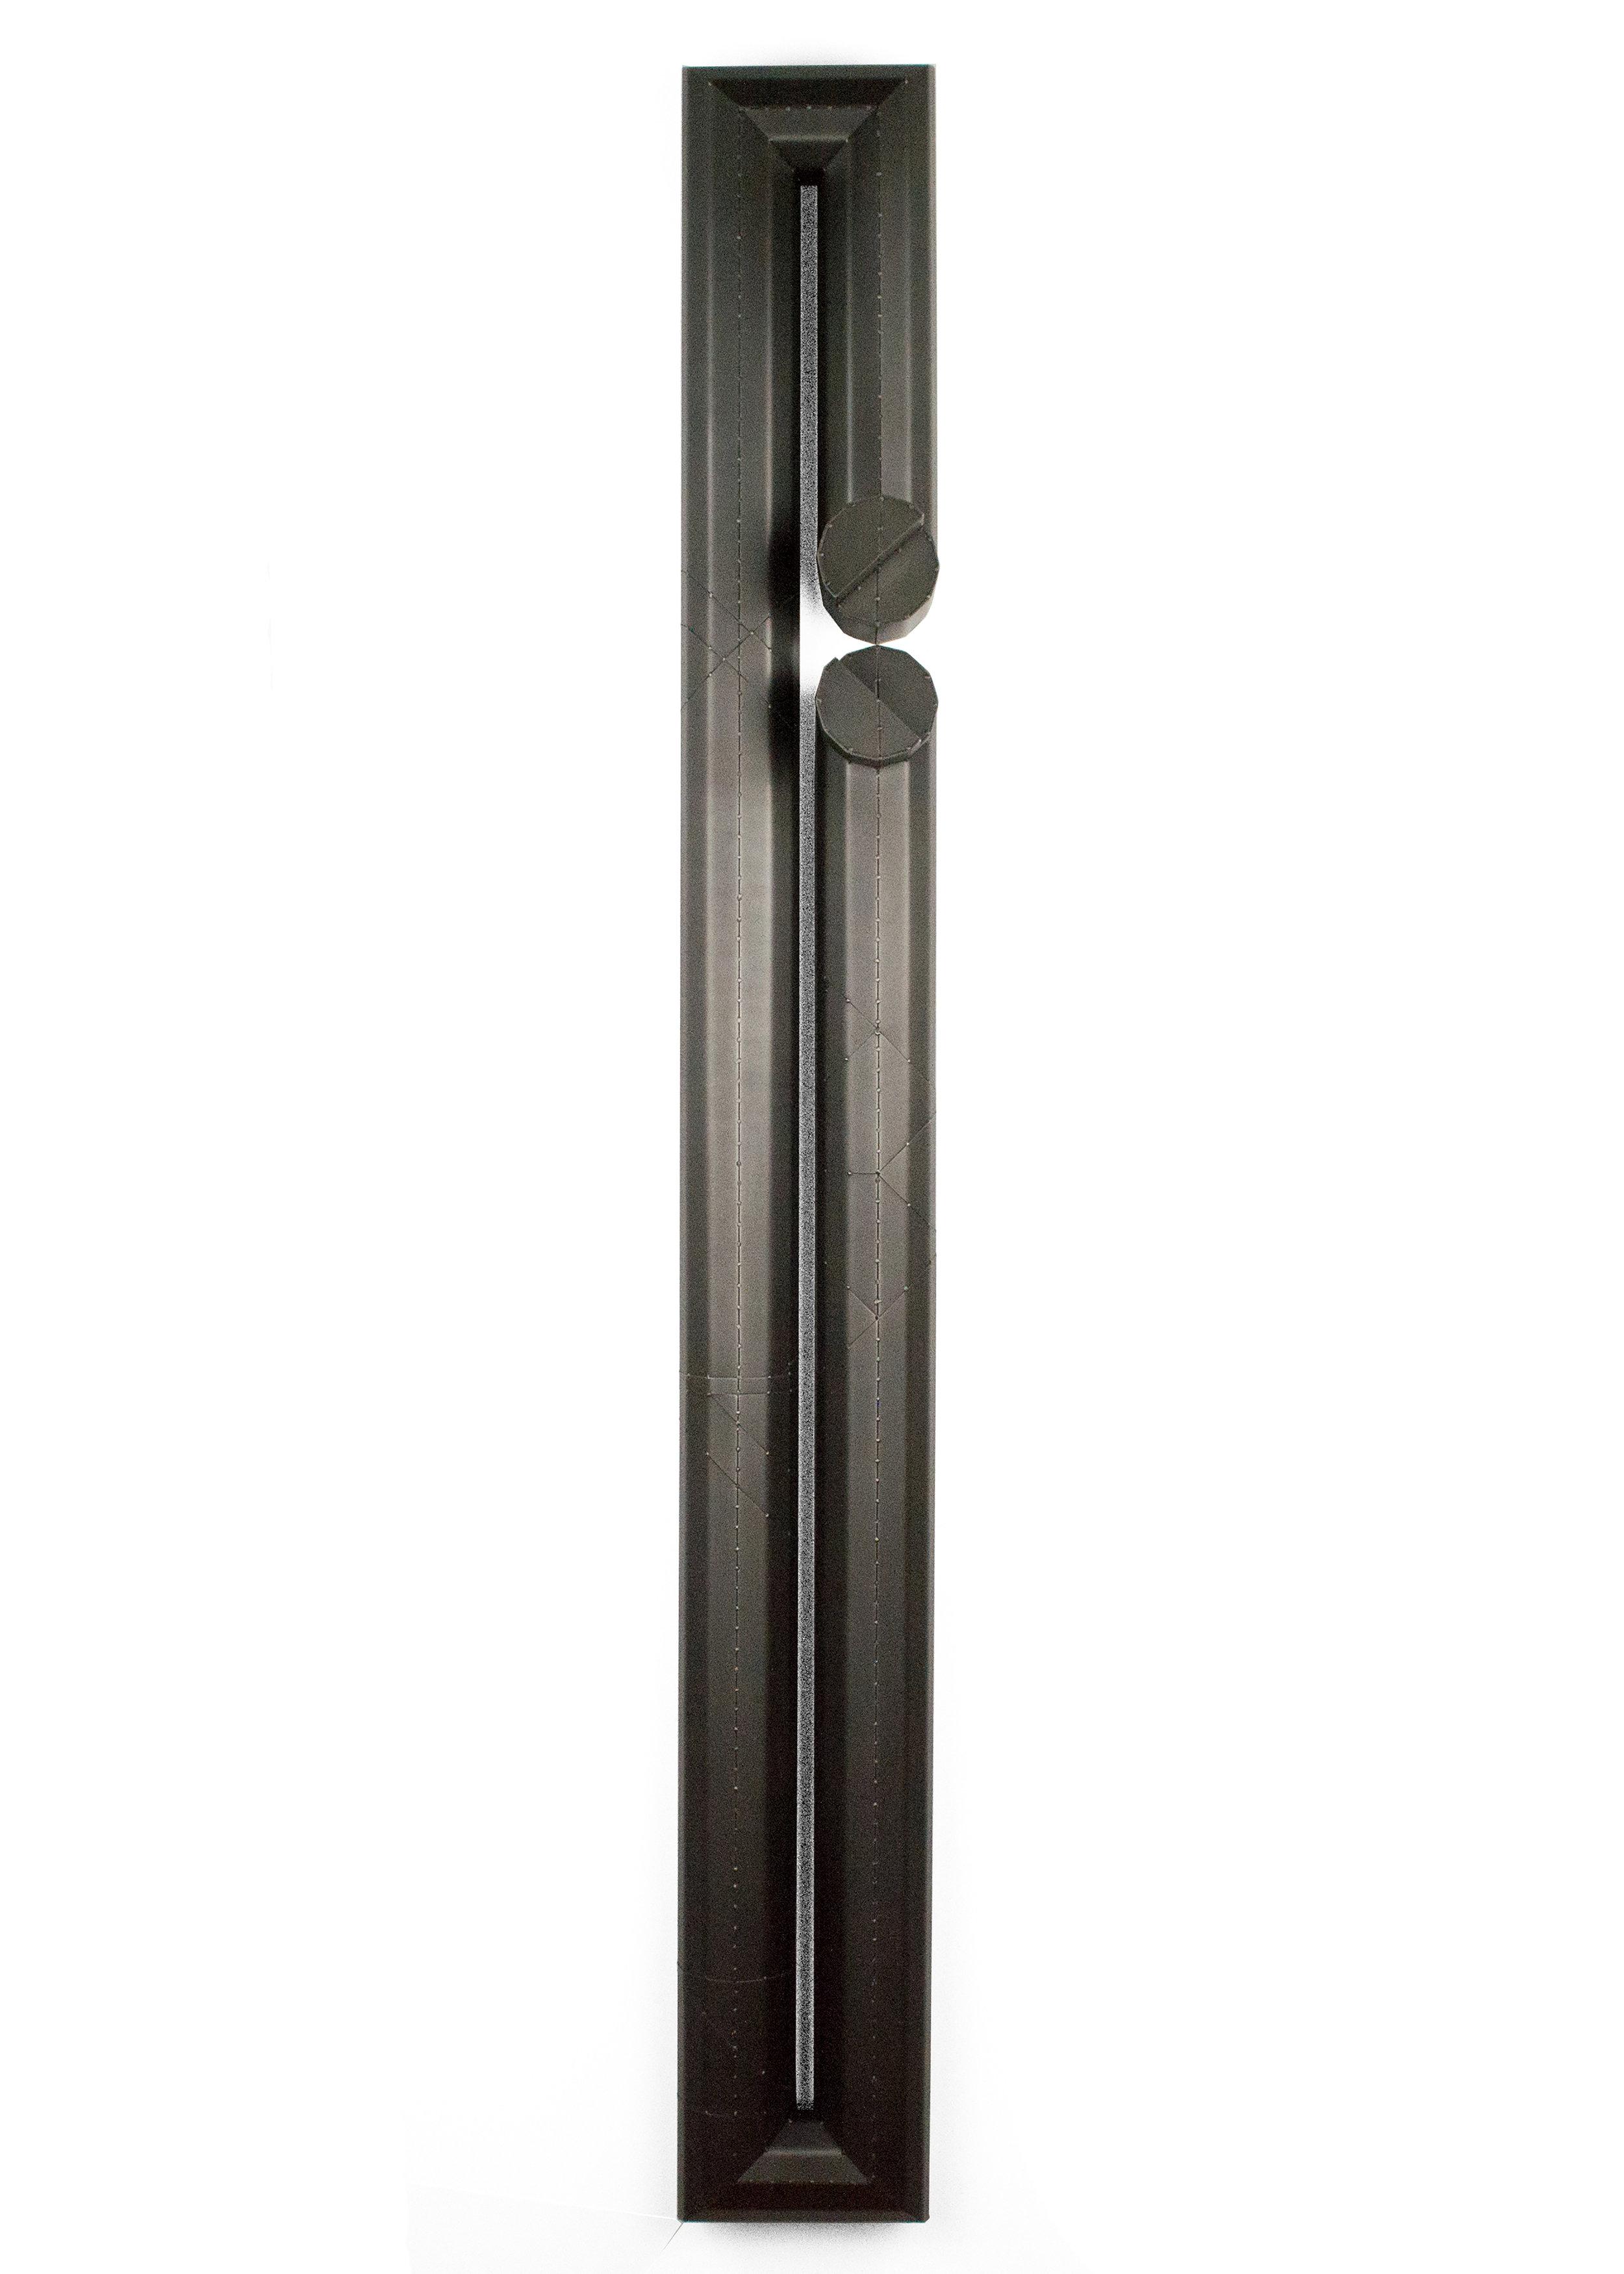 Verge  blackened steel 54.5 x 6.5 x 5 in  2019